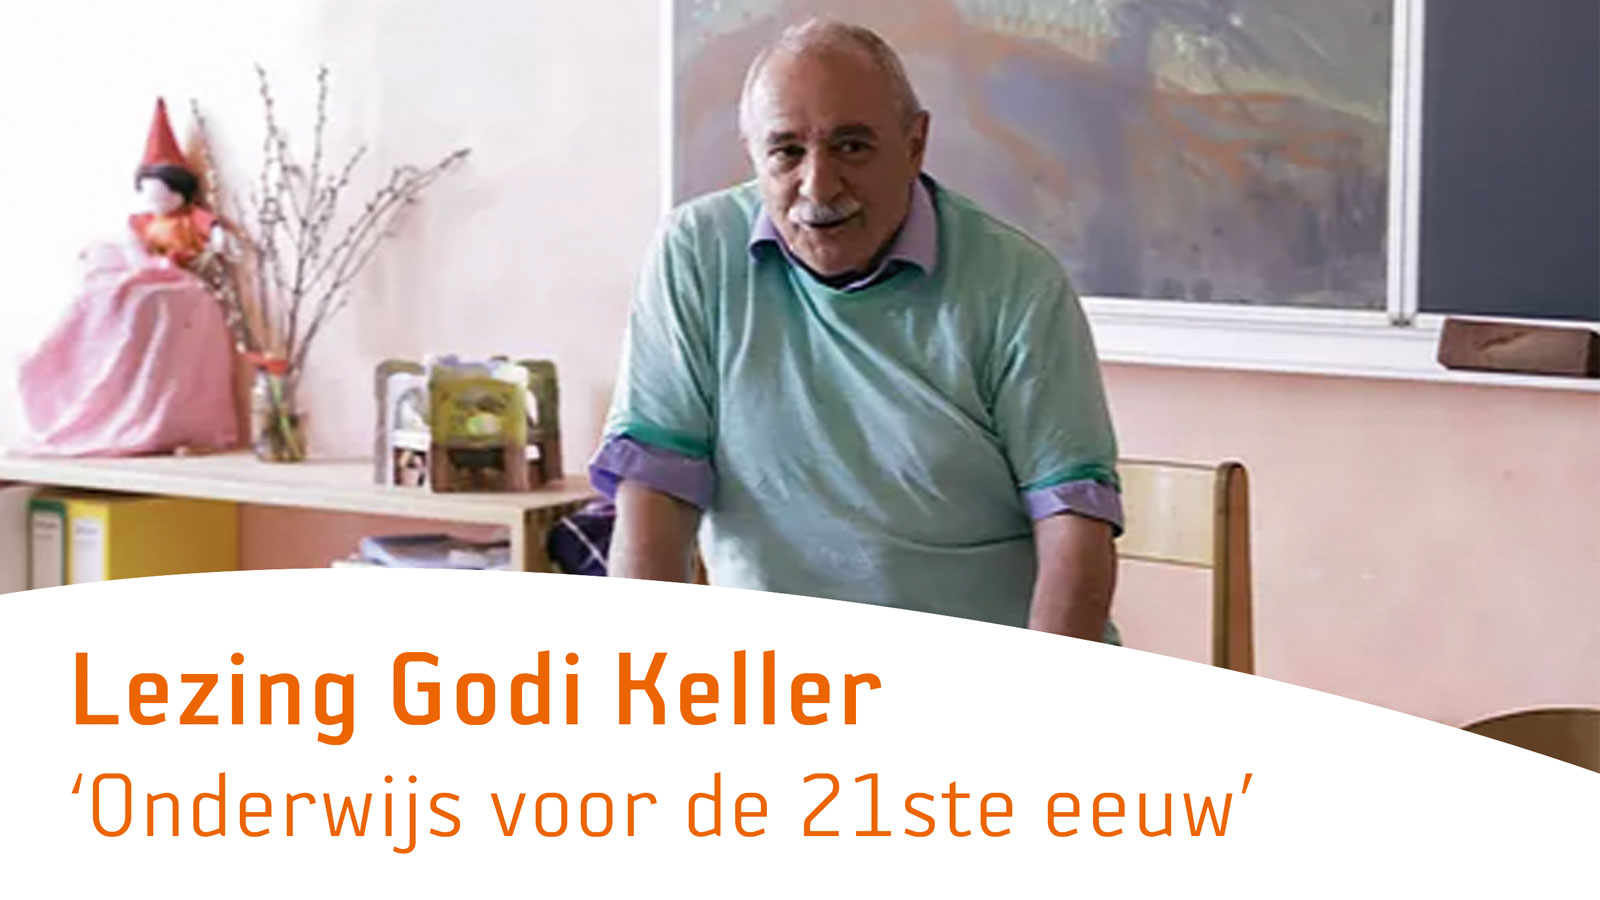 Lezing Godi Keller